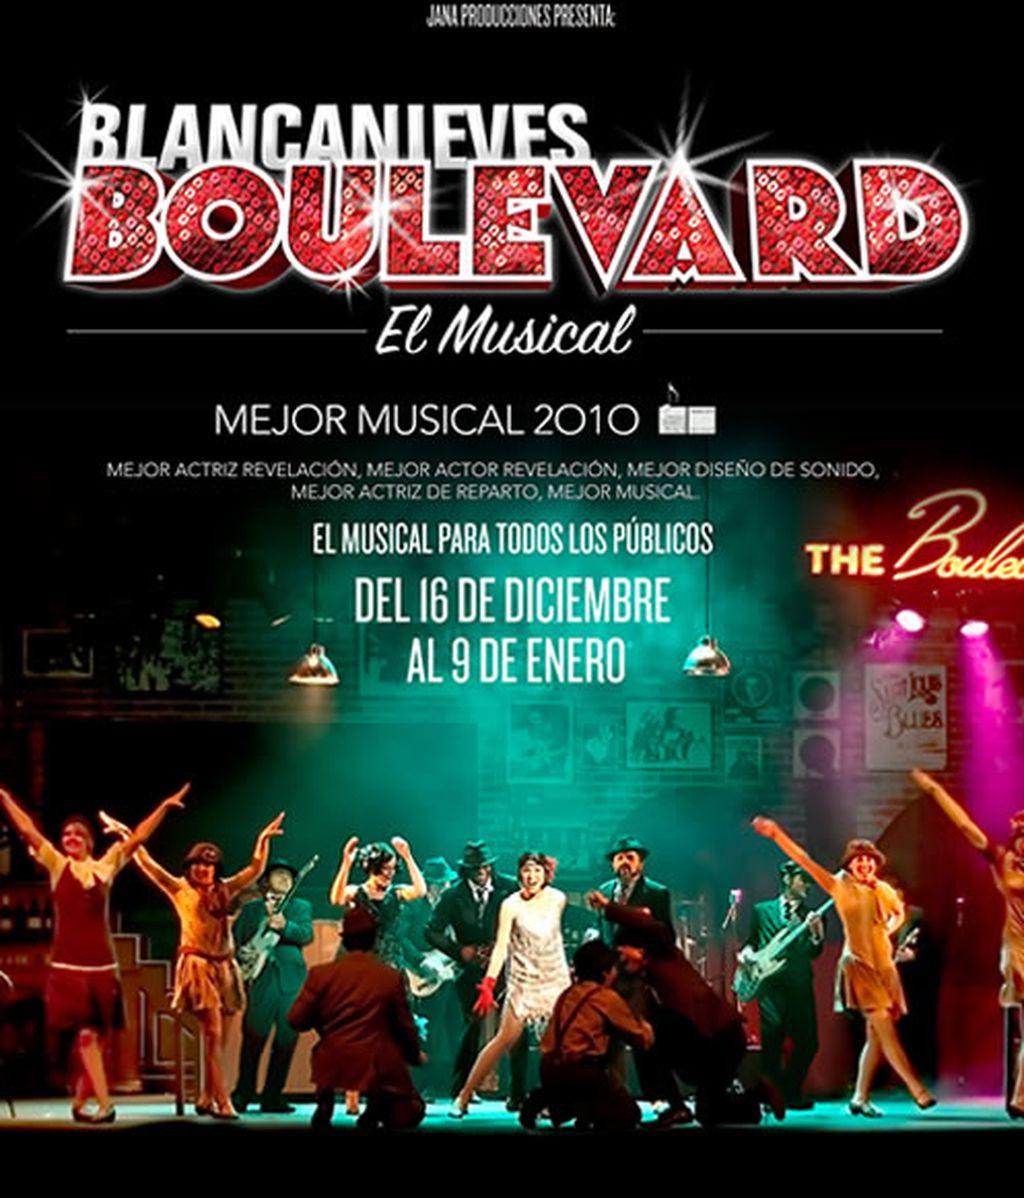 Consigue una entrada doble para el musical de Blancanieves Boulevard en Madrid